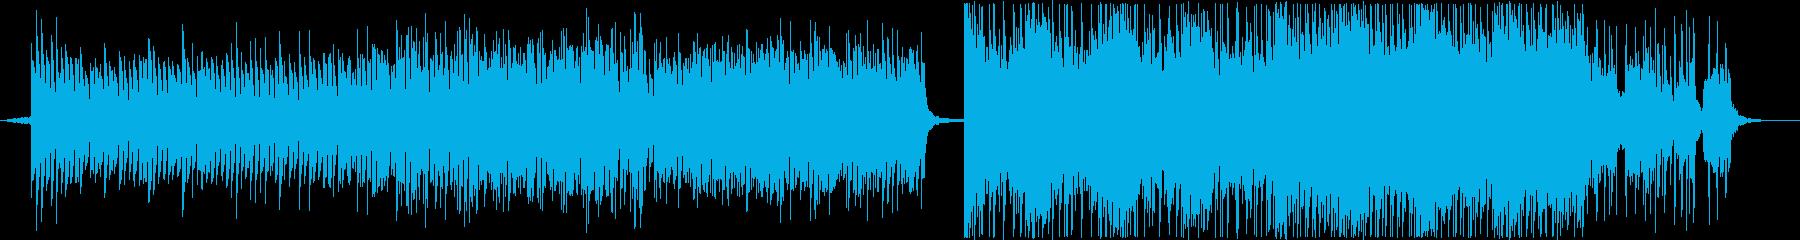 宇宙空間の入りこむようなBGMの再生済みの波形